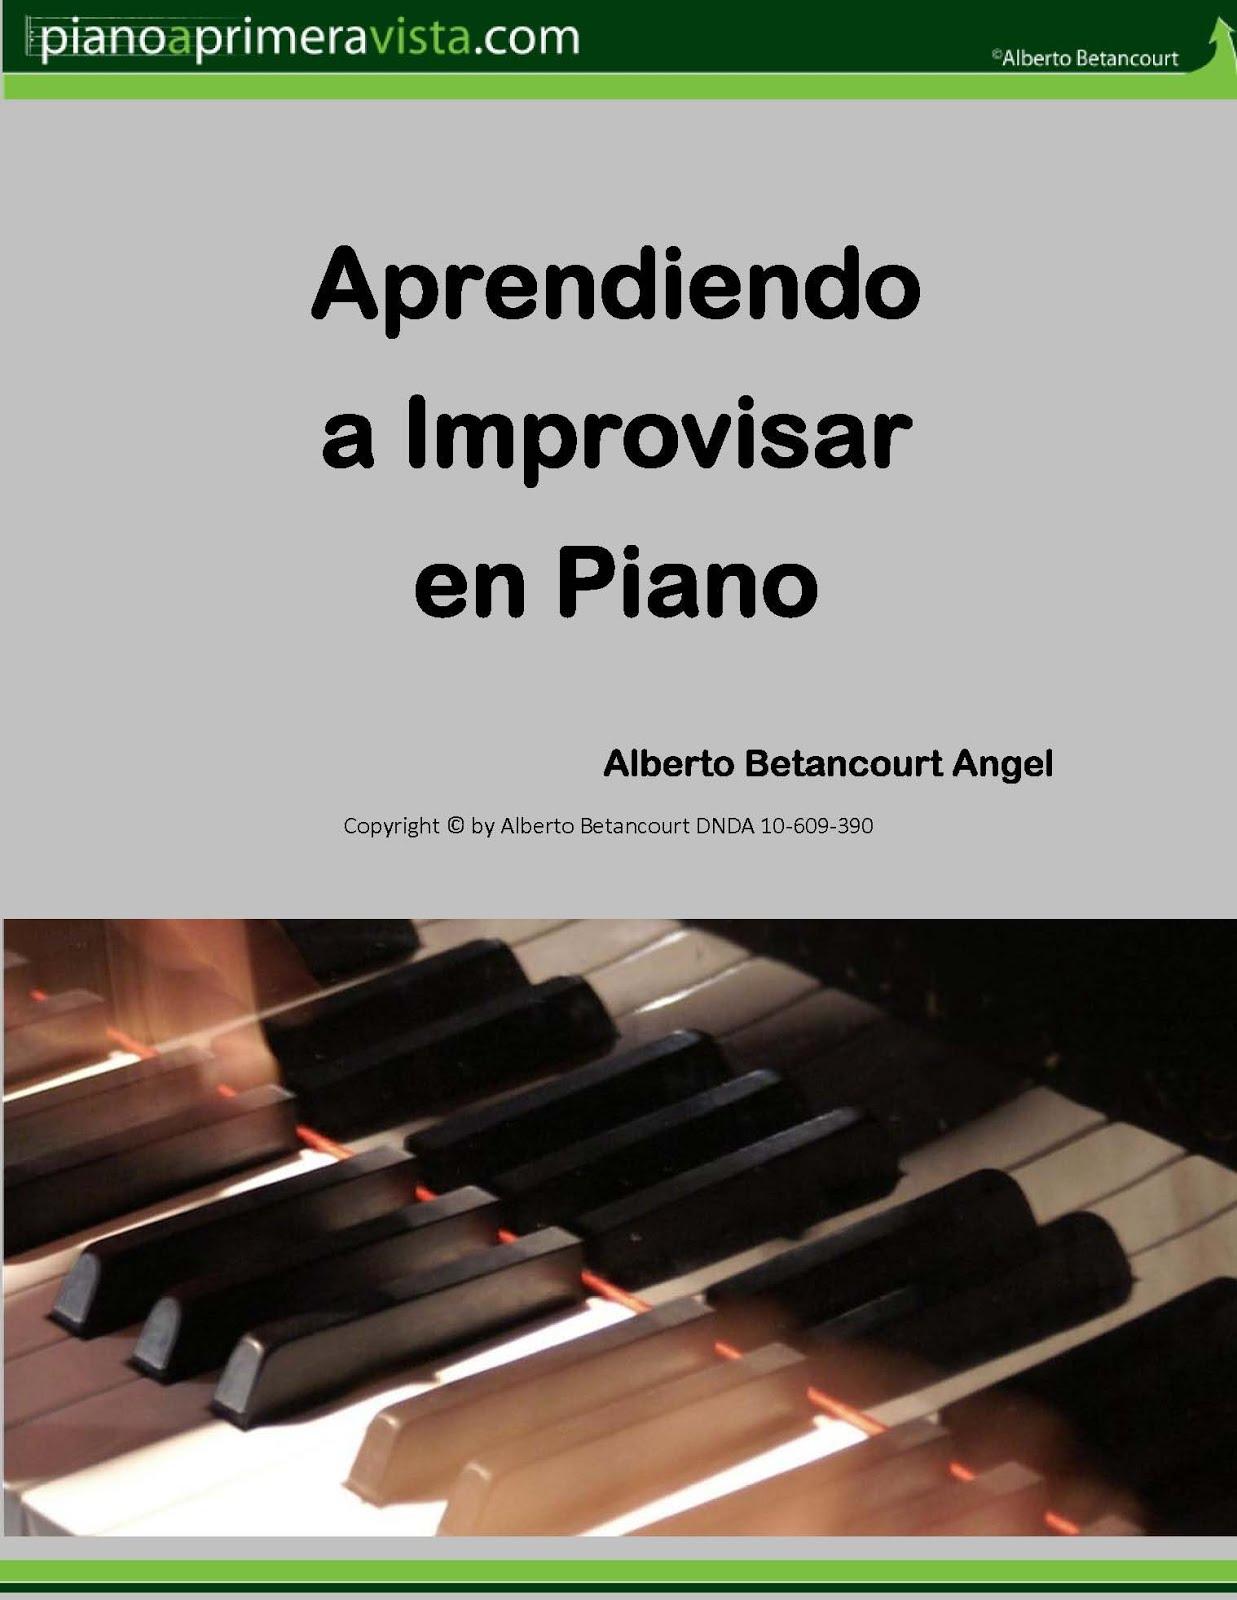 IMPROVISACIÓN EN PIANO